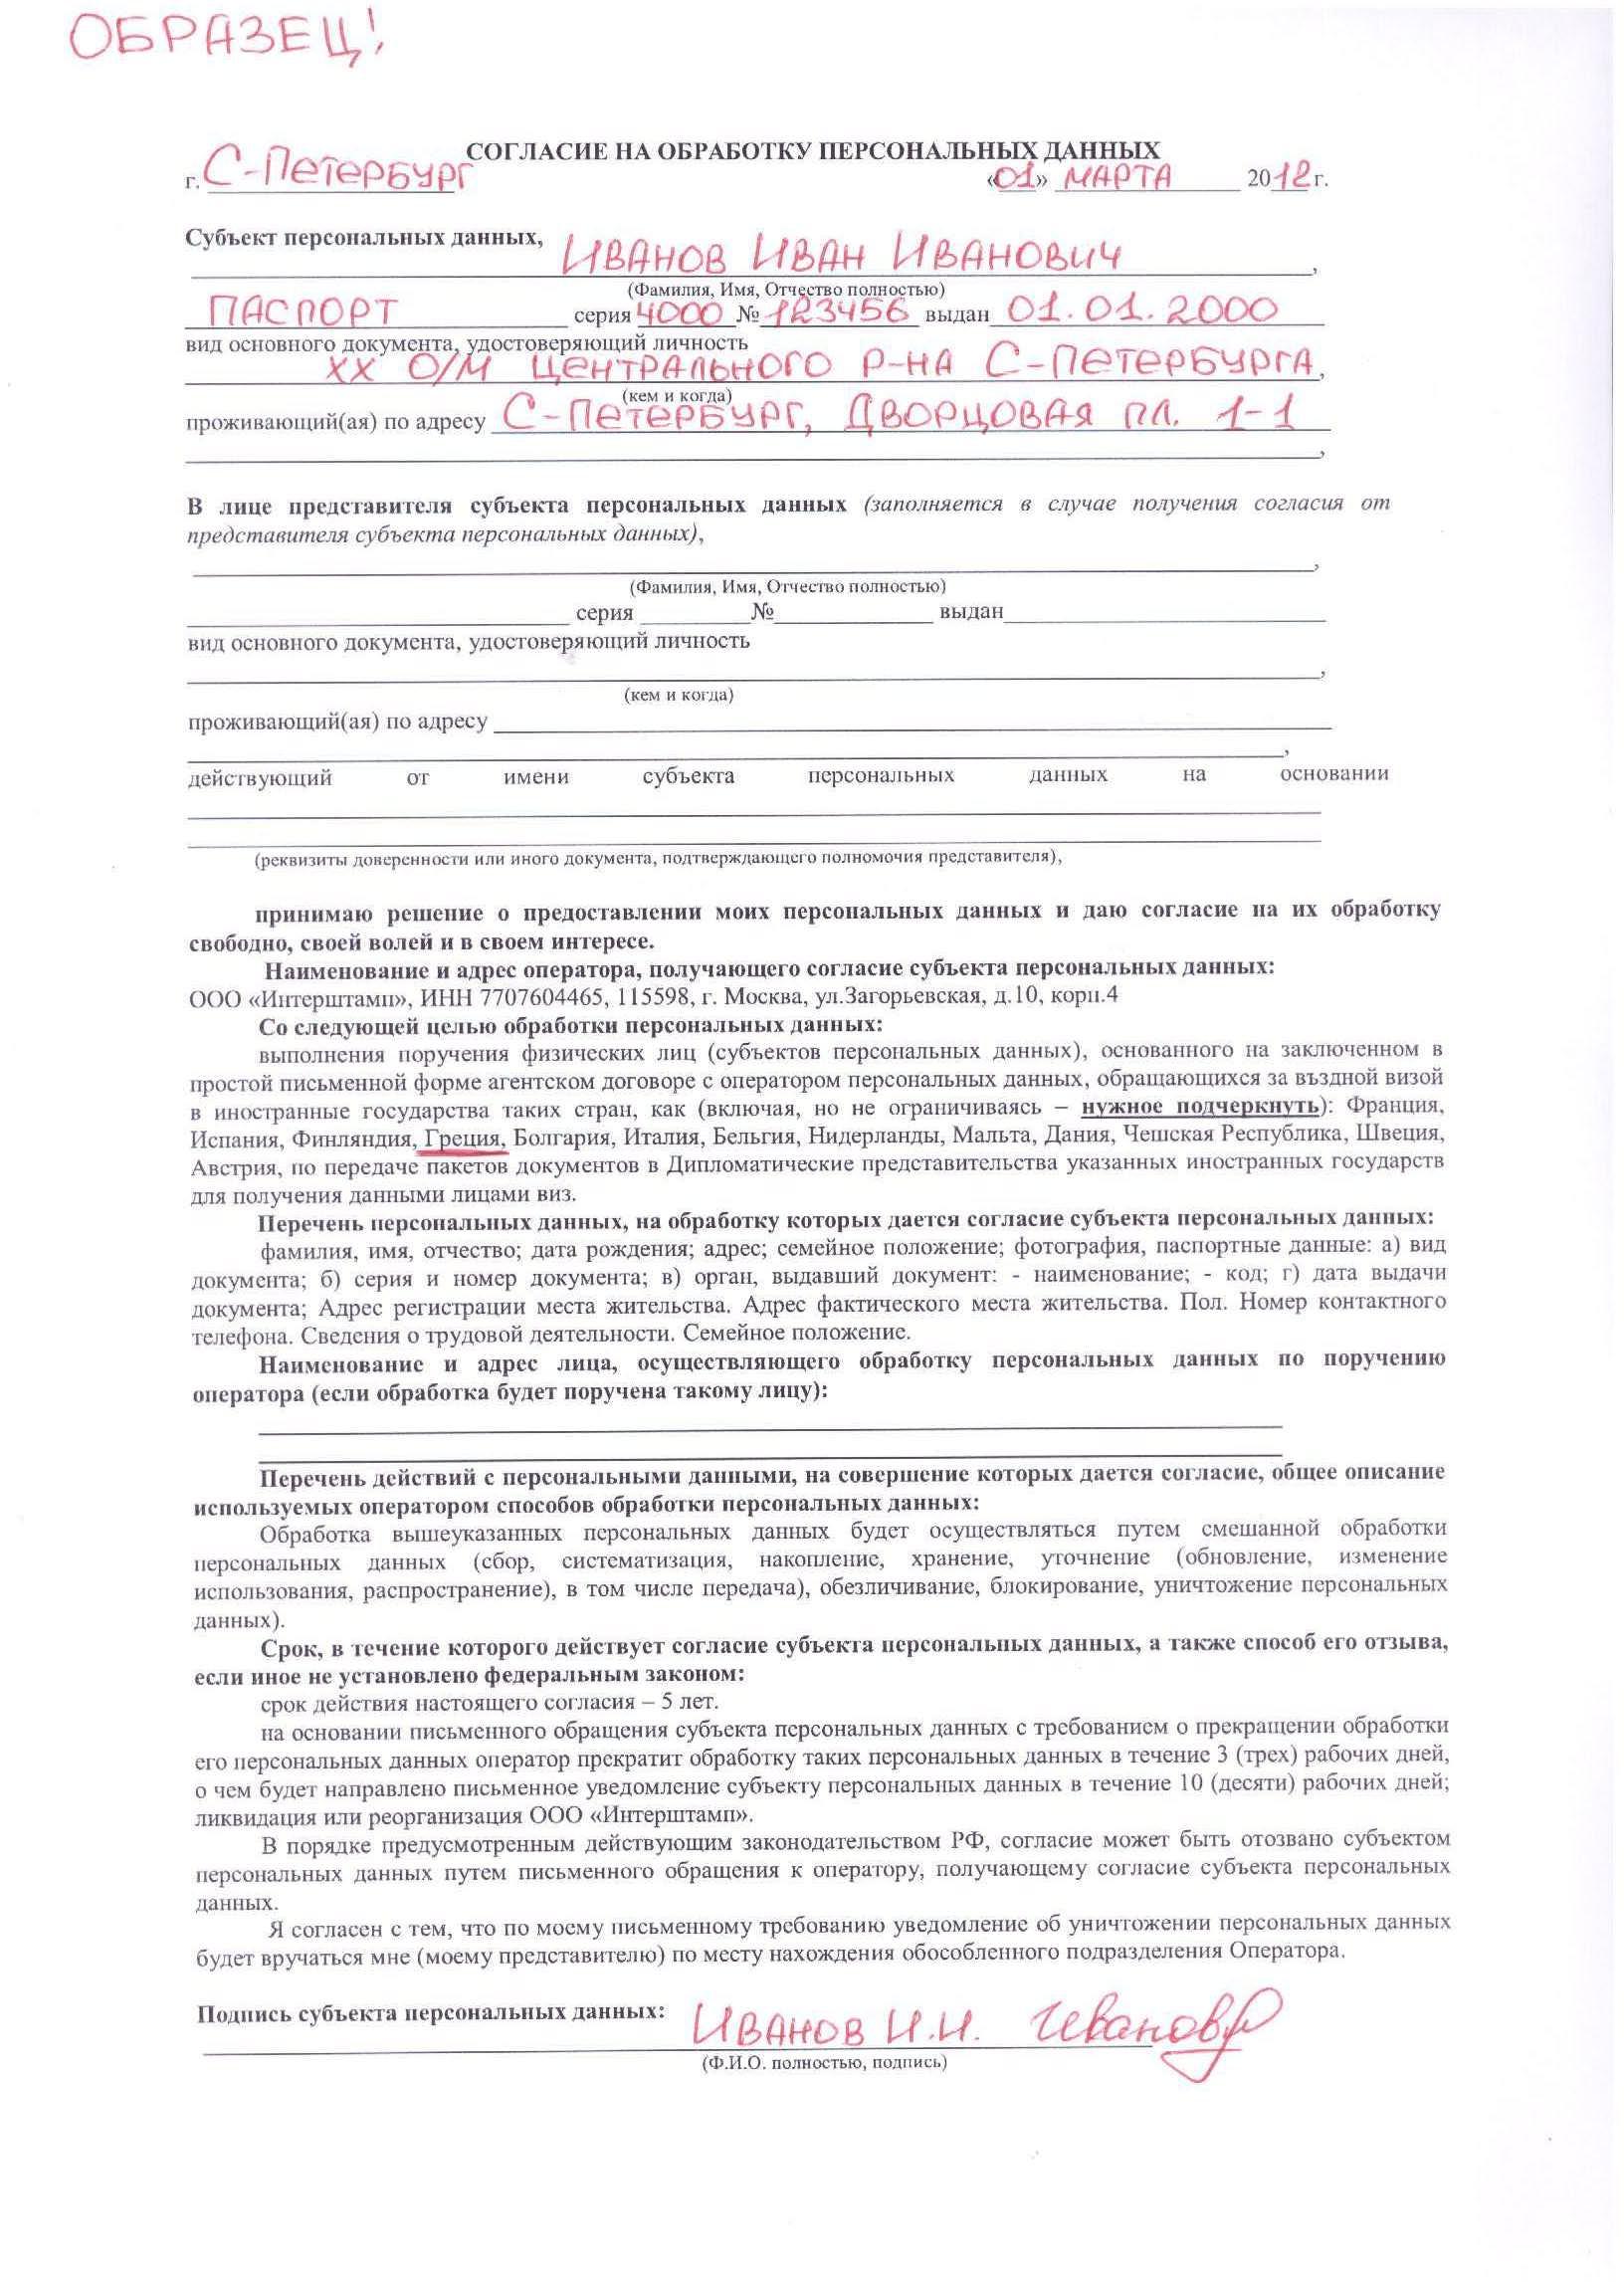 Бланк о согласии на обработку персональных данных для участника конкурса